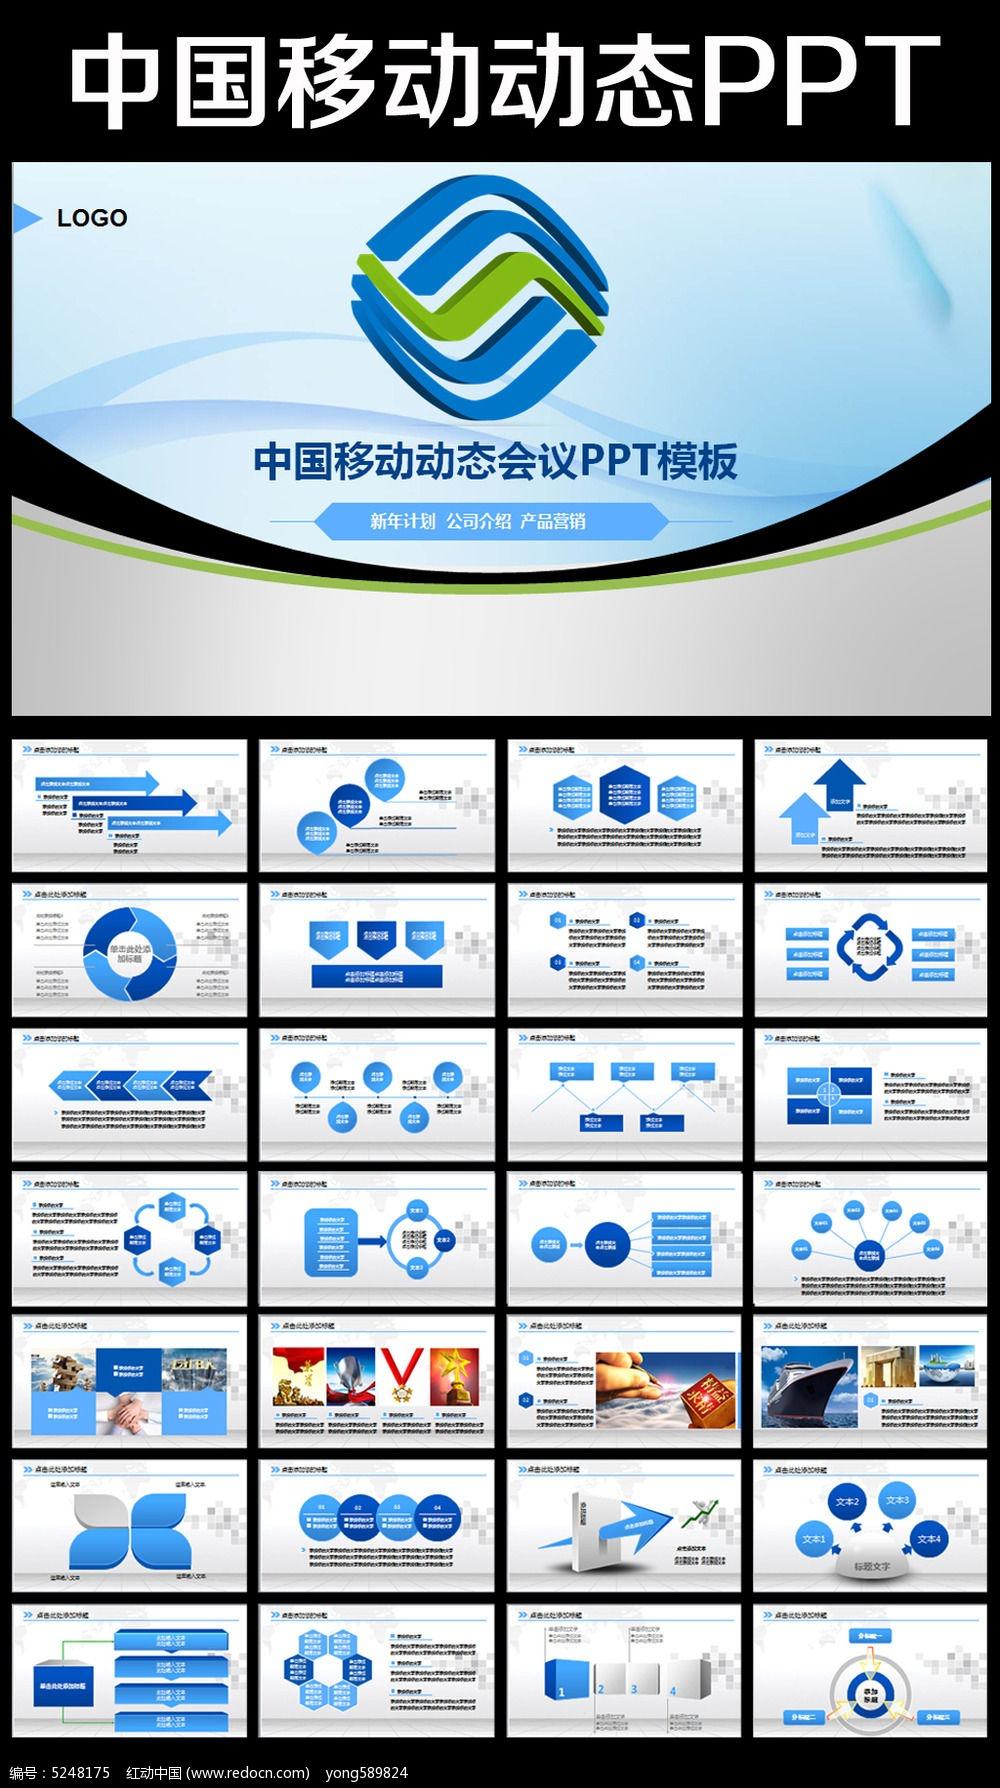 中国移动通信动态PPT模板素材下载 编号5248175 红动网